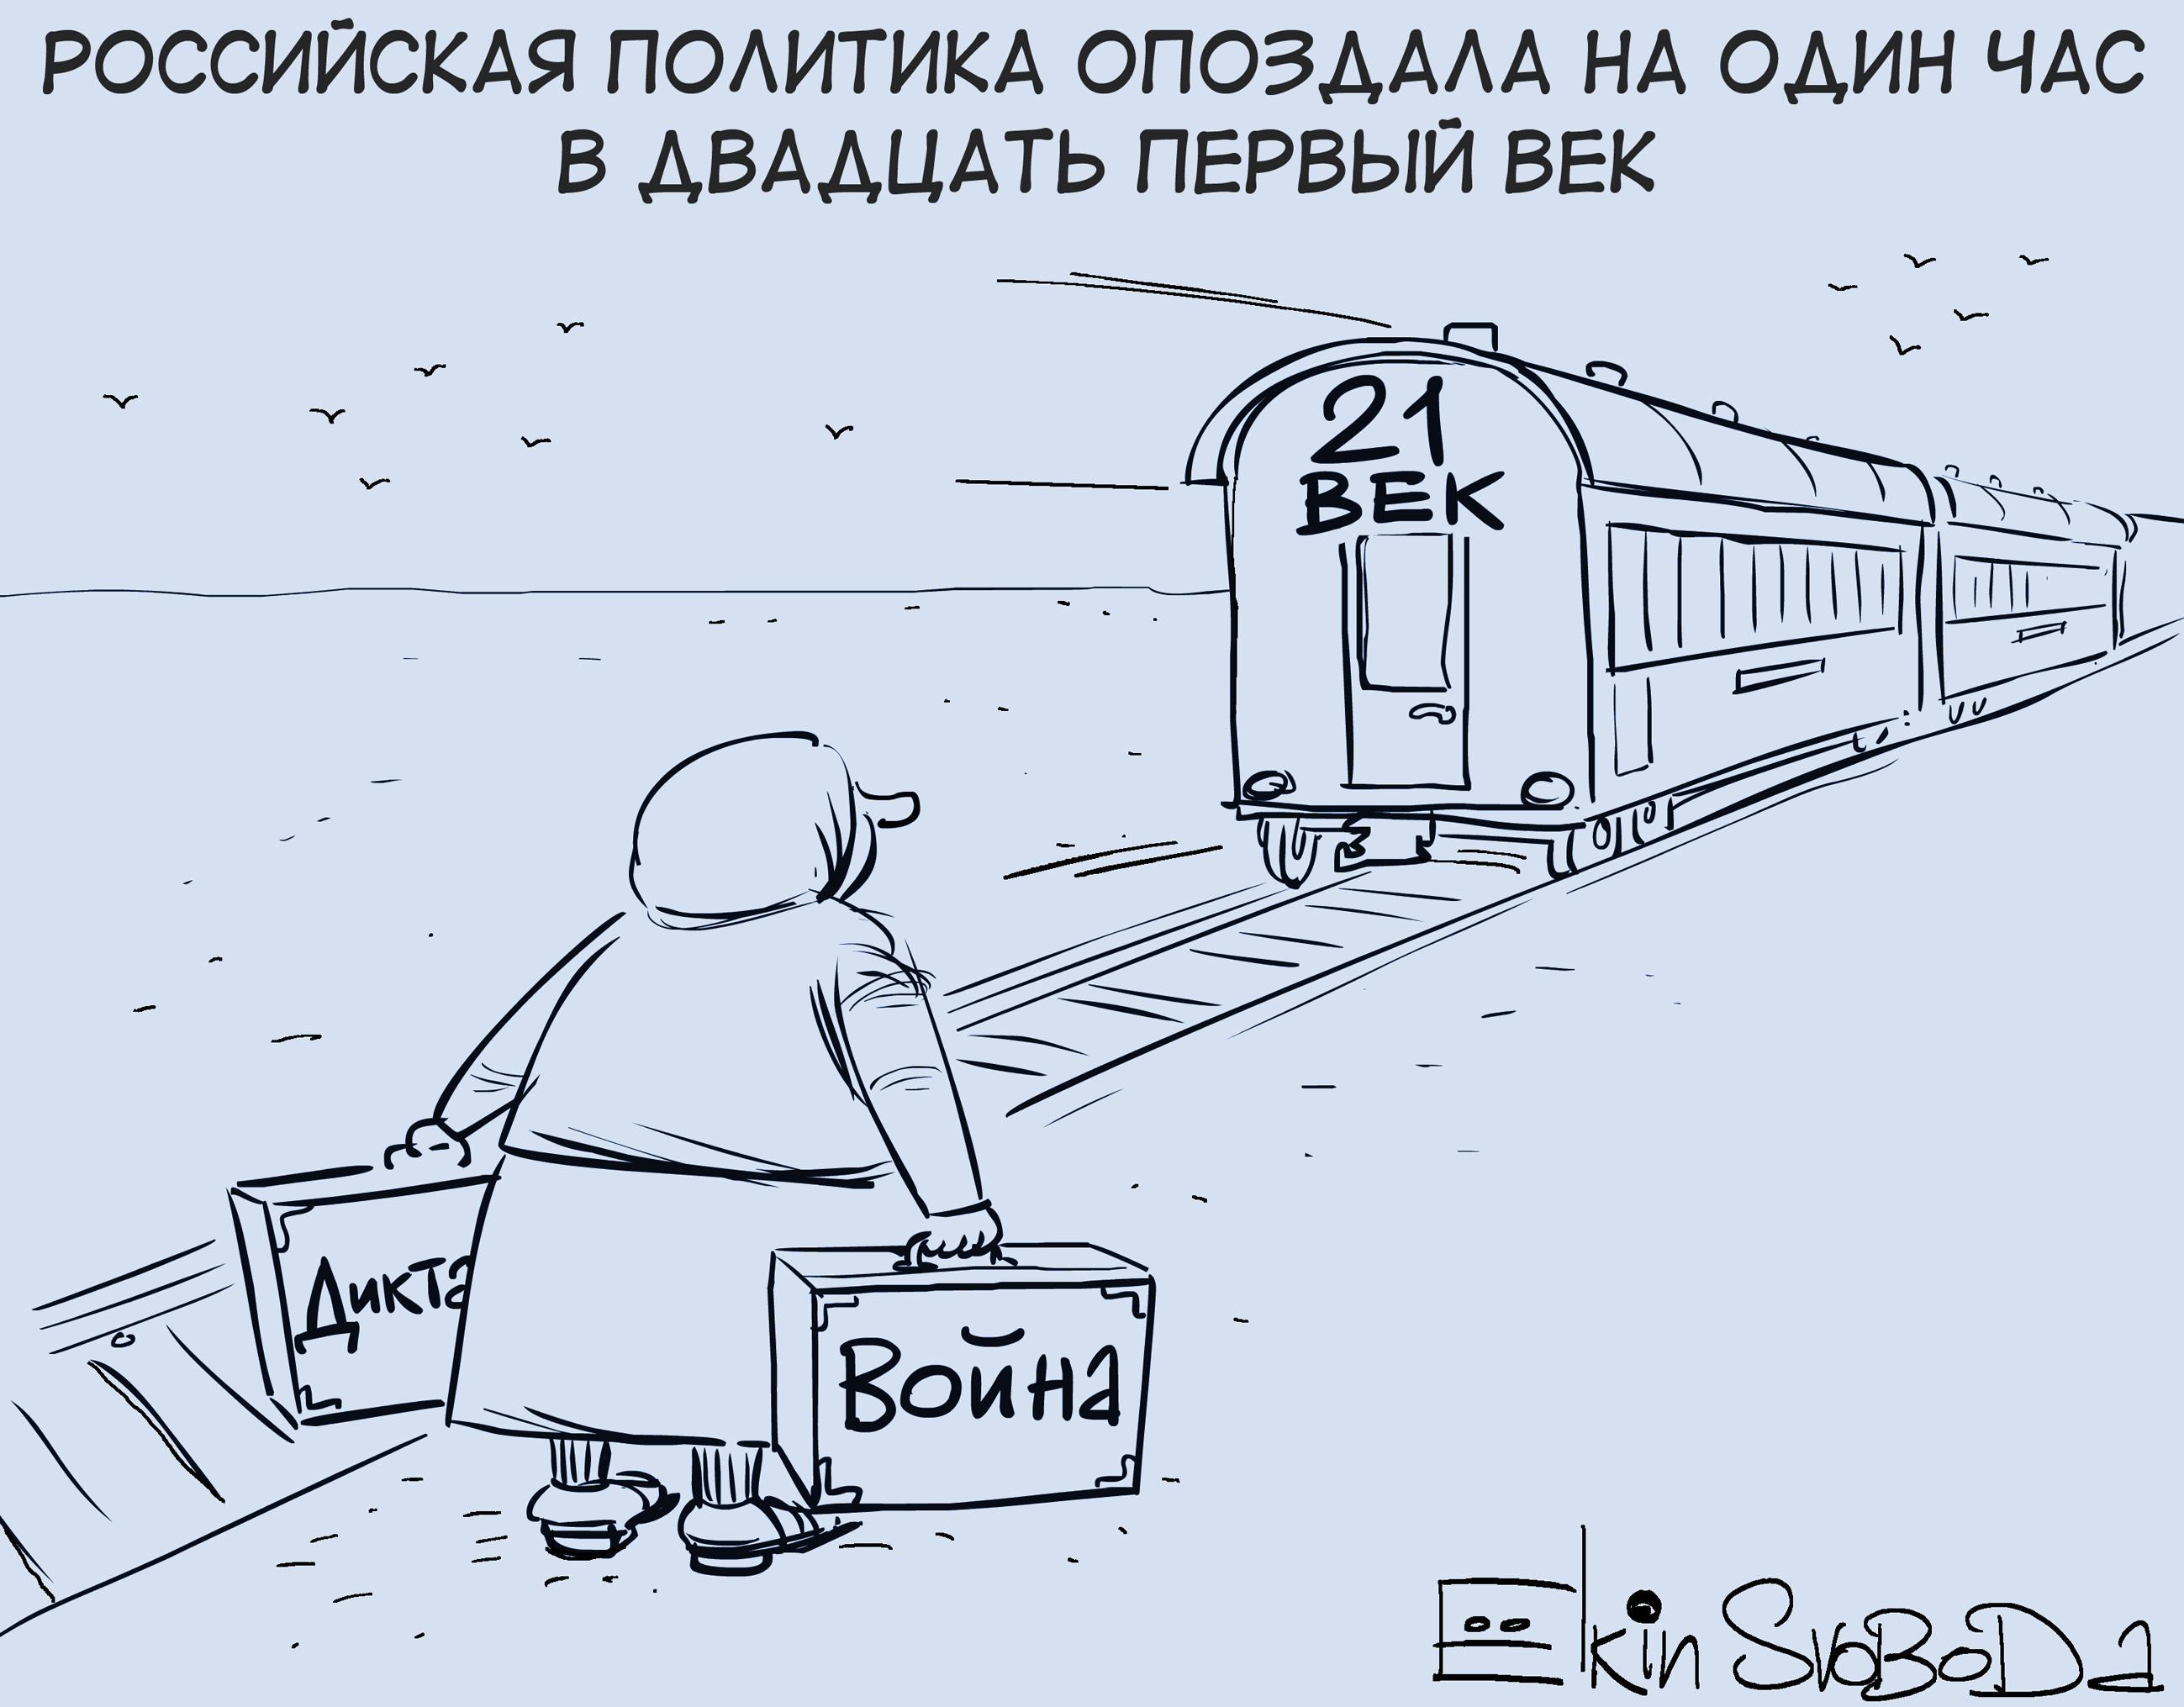 Россия не оставит без ответа усиление санкций странами G7, - Песков - Цензор.НЕТ 7326